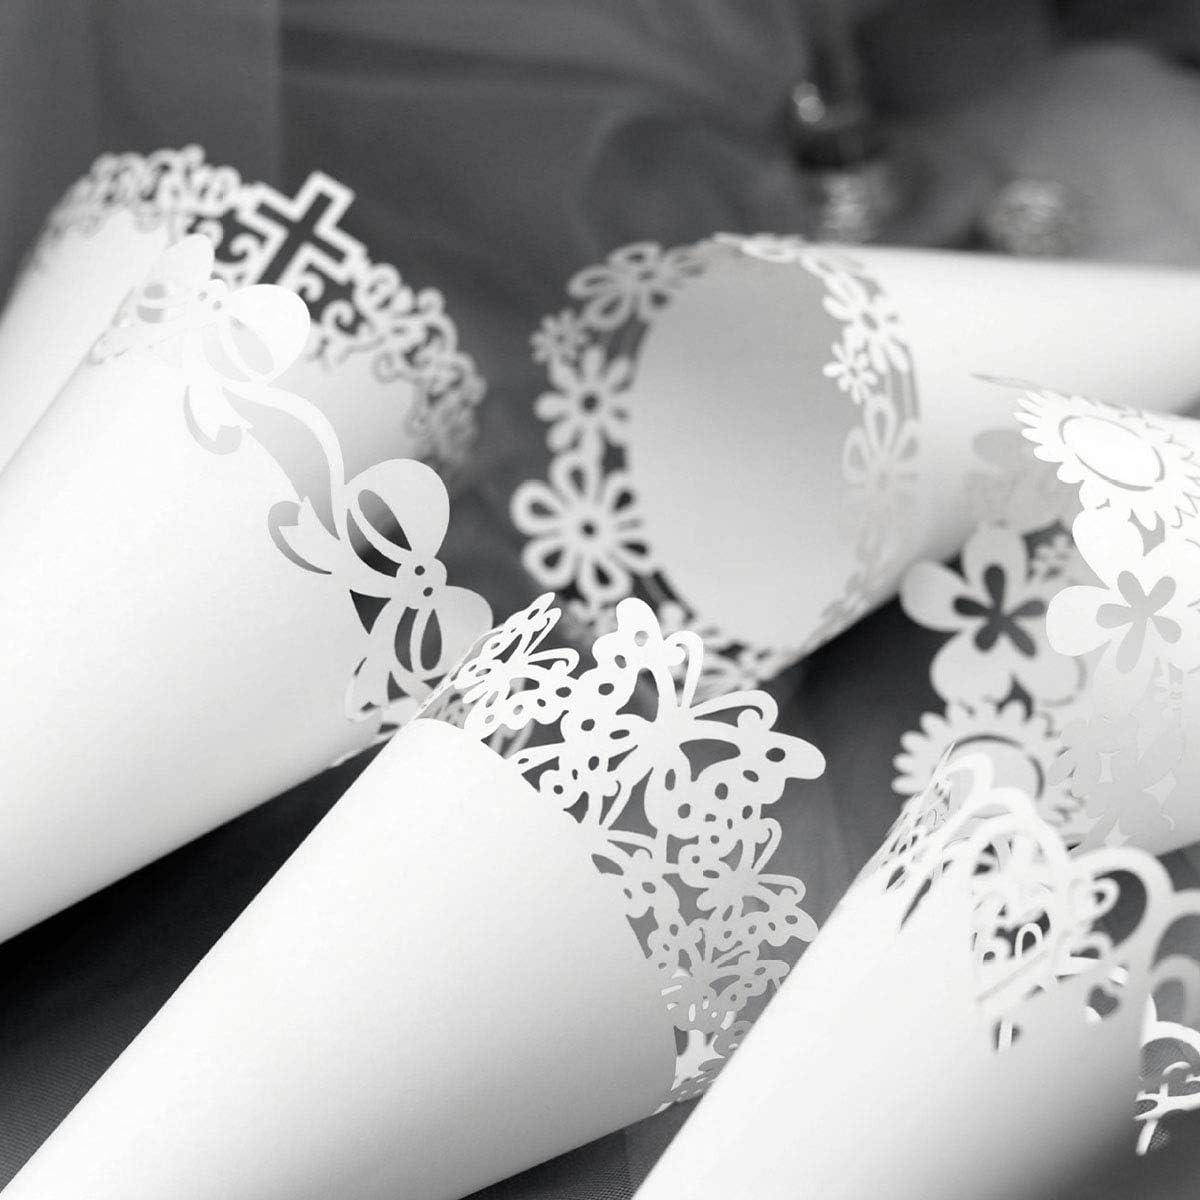 d/ía de San Valent/ín asperja Decorativa para Aniversario de Boda 0.8x0.6in HERCHR 500 Piezas de Confeti de Esponja en Forma de coraz/ón Blanco